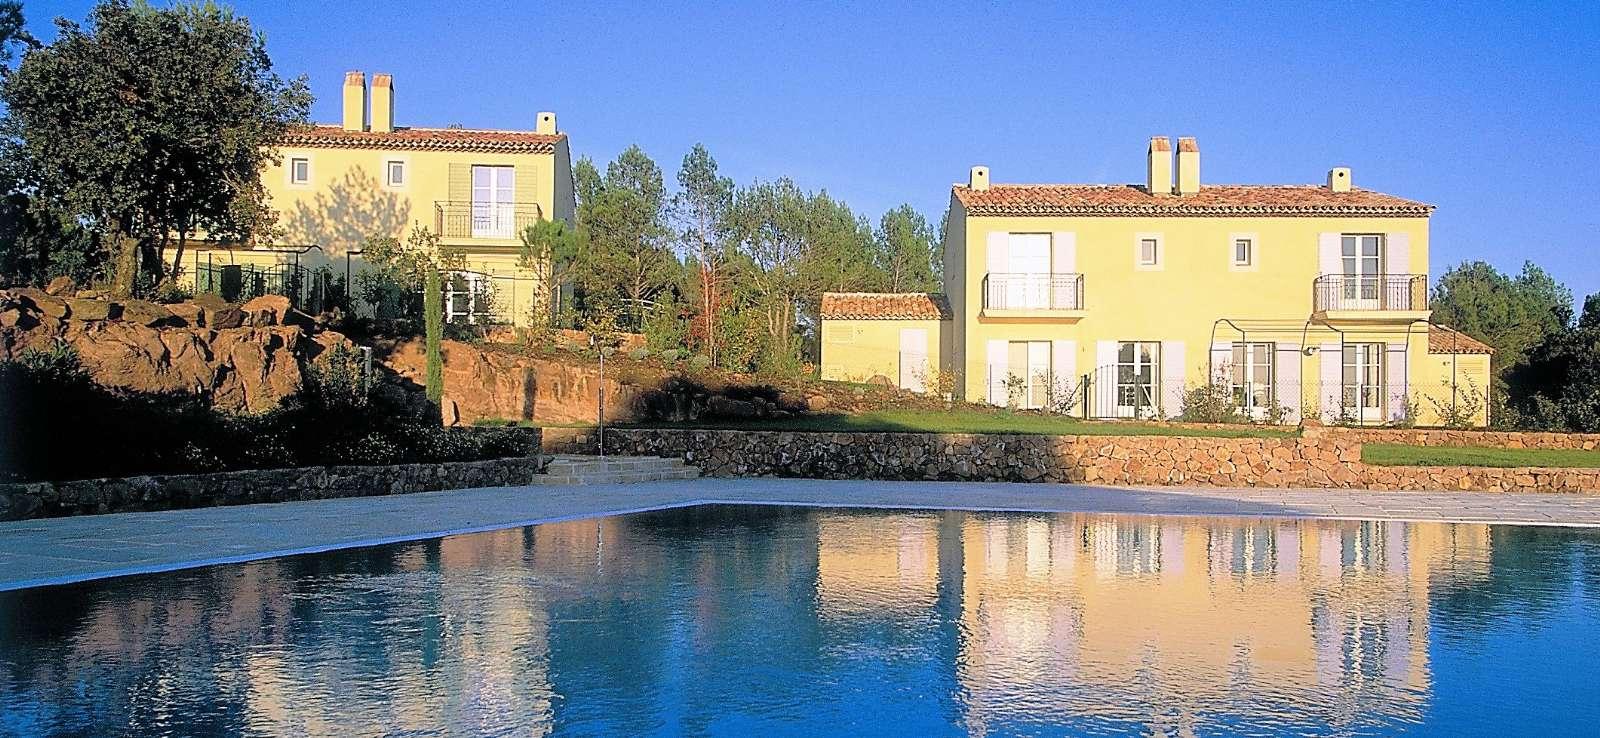 Huse med fælles pool